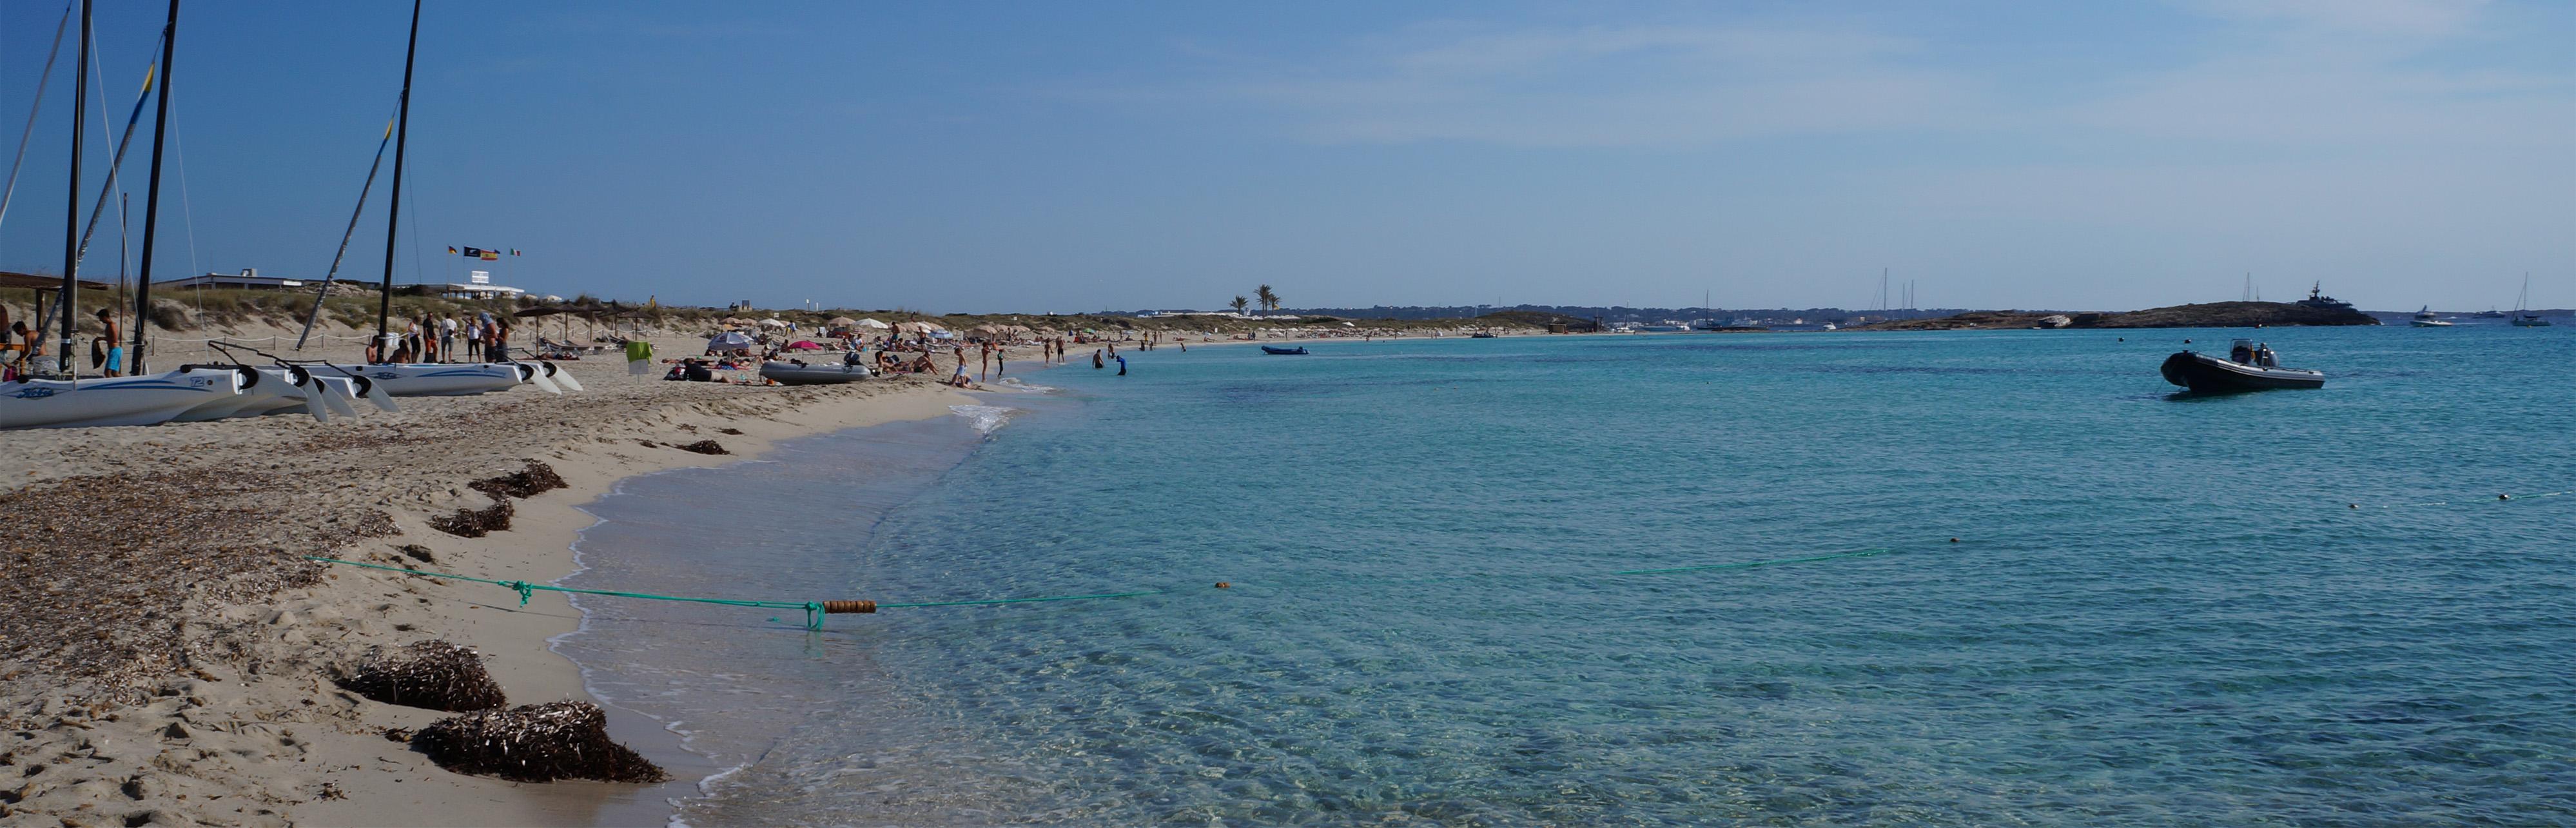 Alquila tu casa de vacaciones en la playa